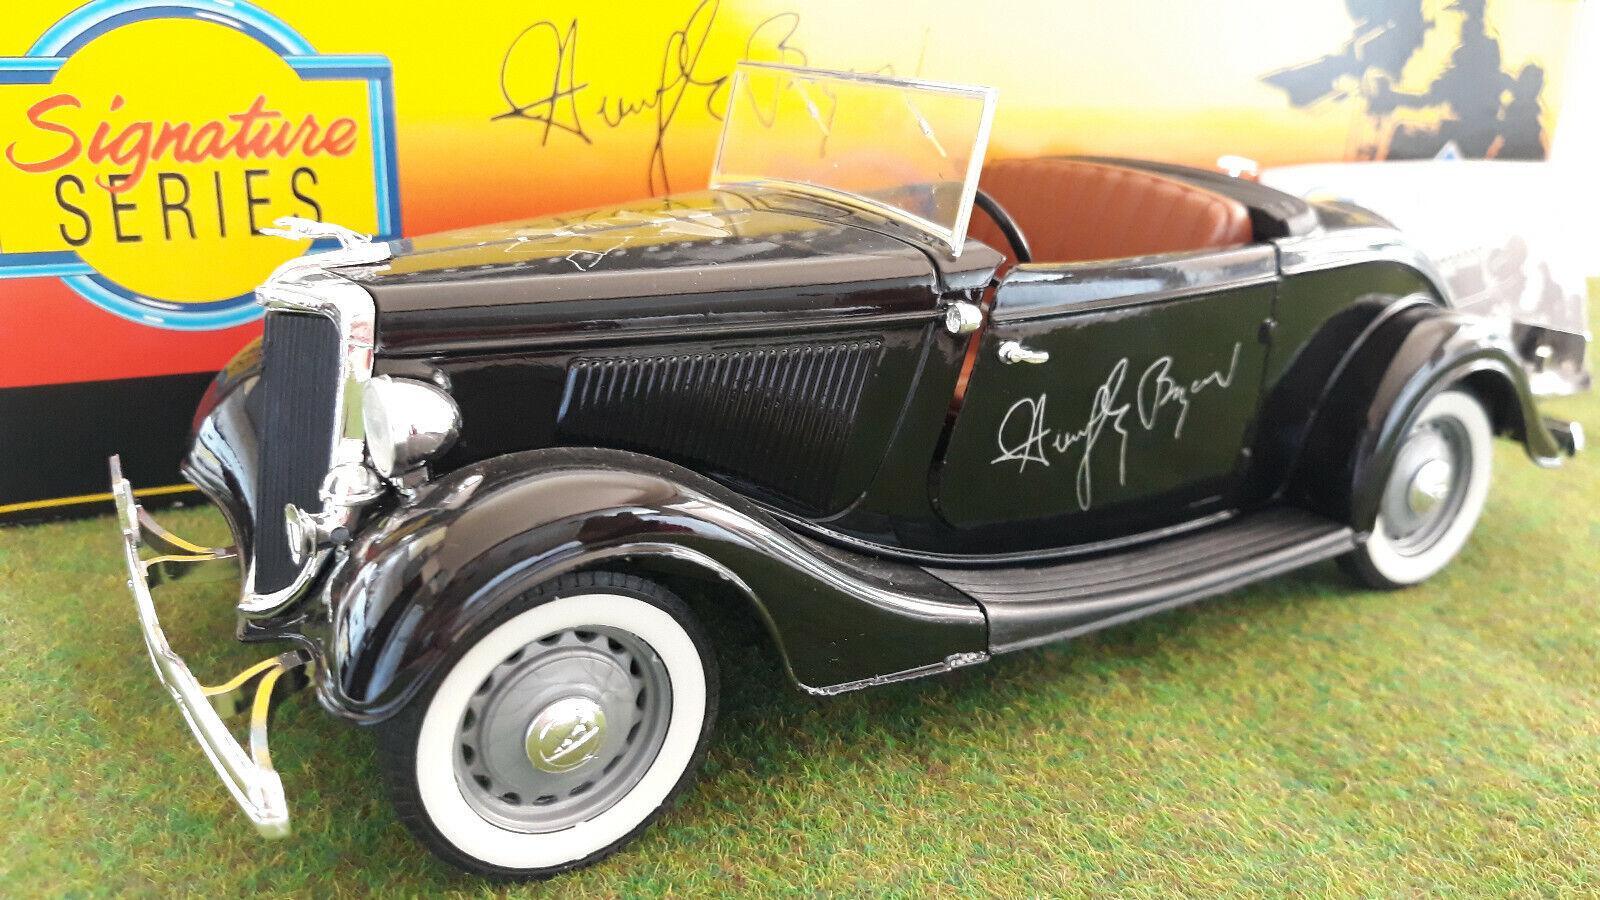 FORD  Roadster 1934  HUMPHREY BOGART cabriolet 1 18 SOLIDO 9802 voiture miniature  livraison éclair